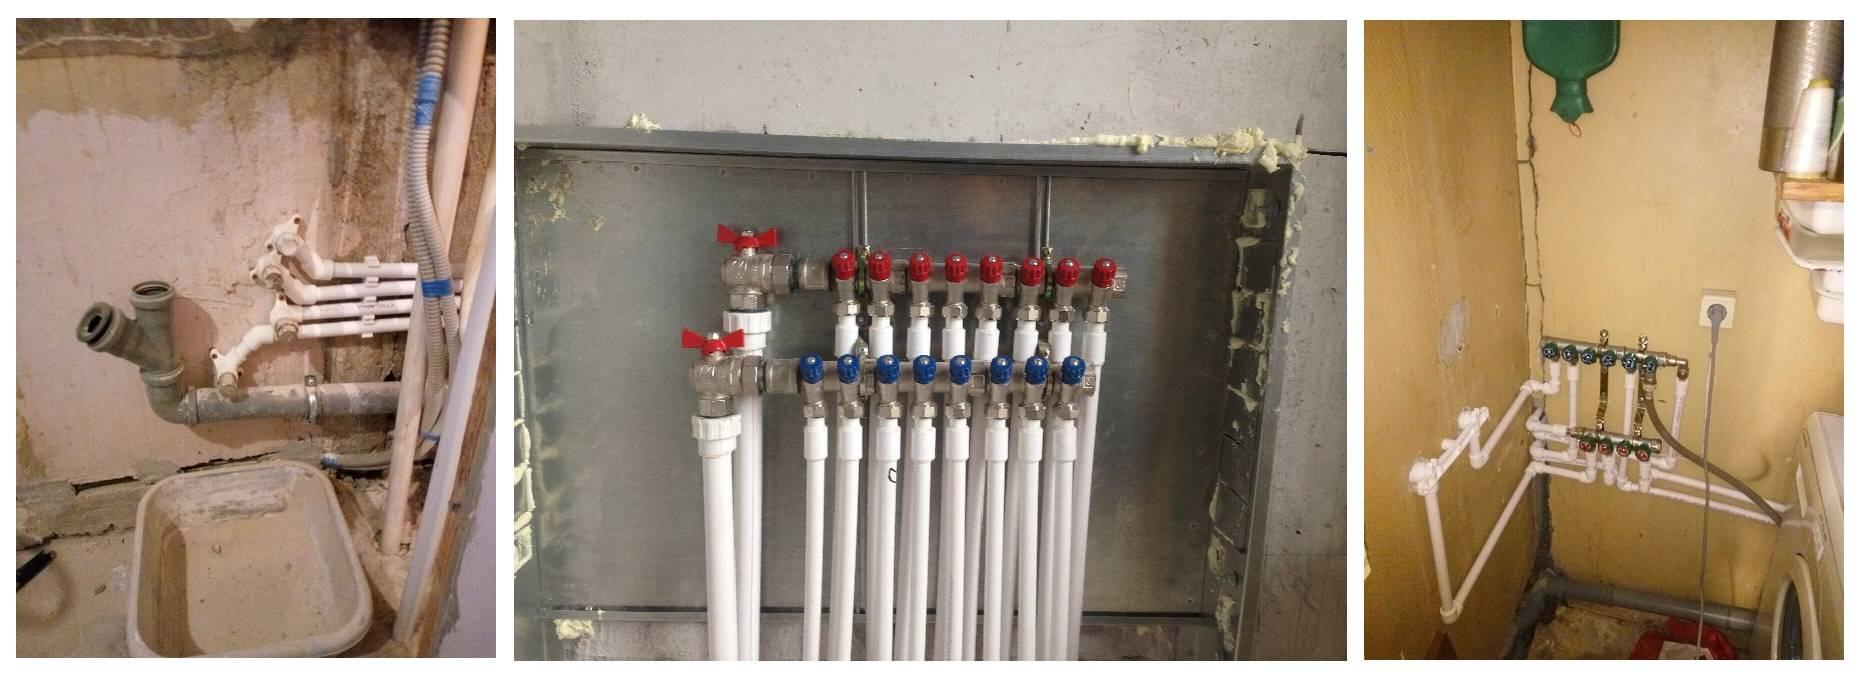 Ремонт трубопровода водоснабжения: проблемы и их устранение | гидро гуру